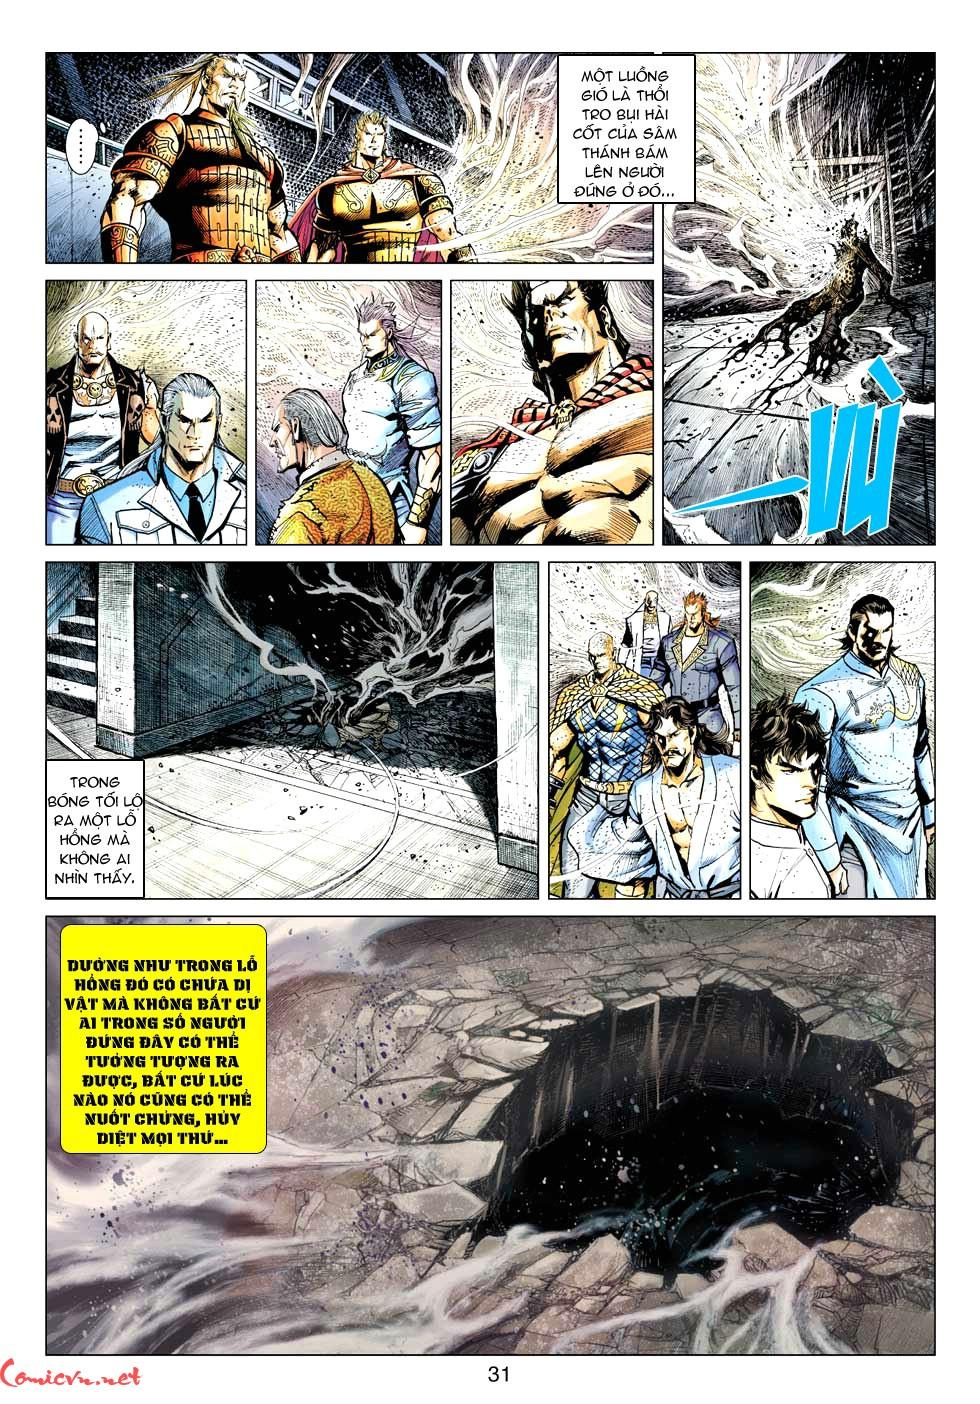 Vương Phong Lôi 1 chap 32 - Trang 30